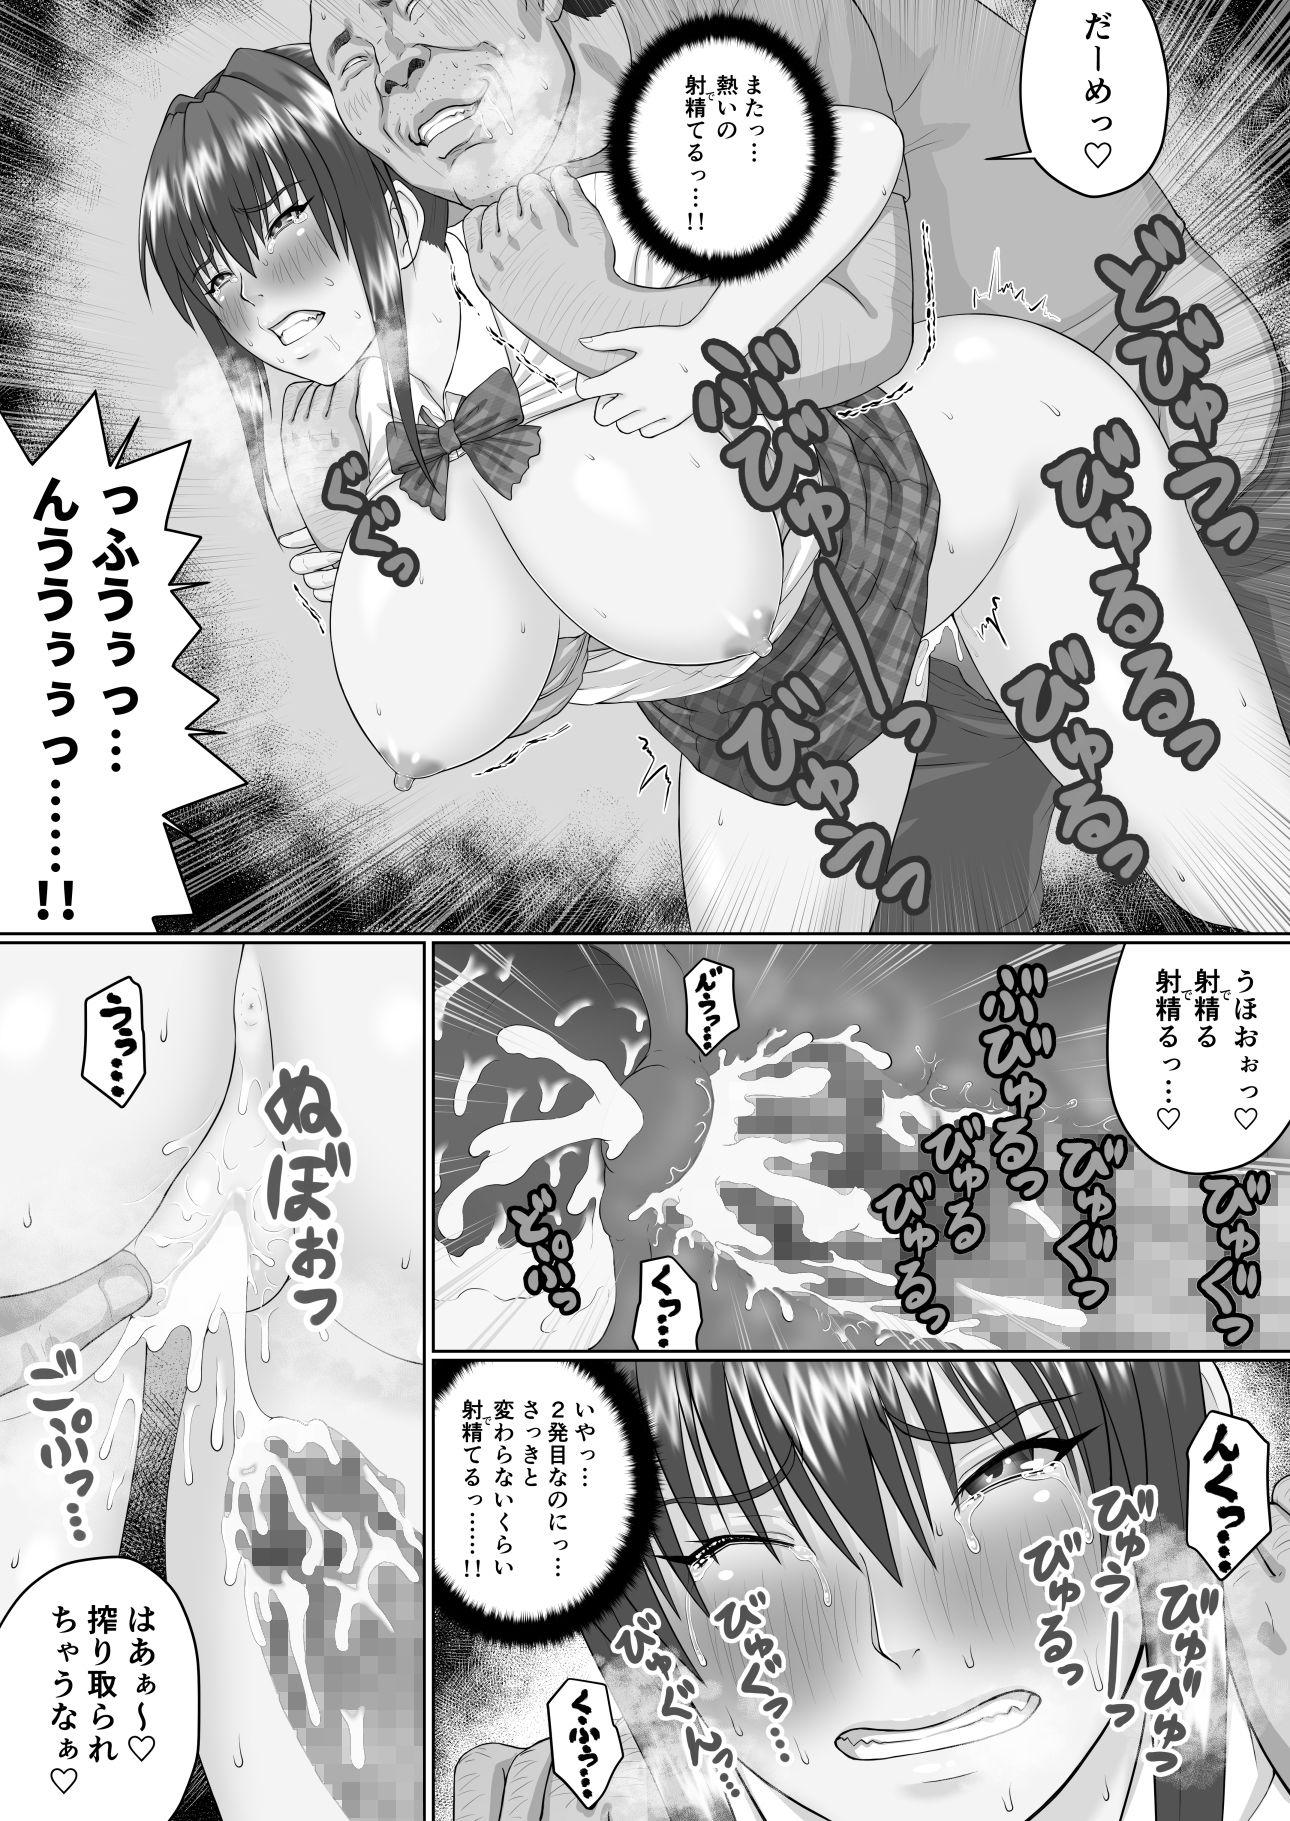 【エロ漫画無料大全集】膣内射精おじさんに狙われた女は逃げることができない